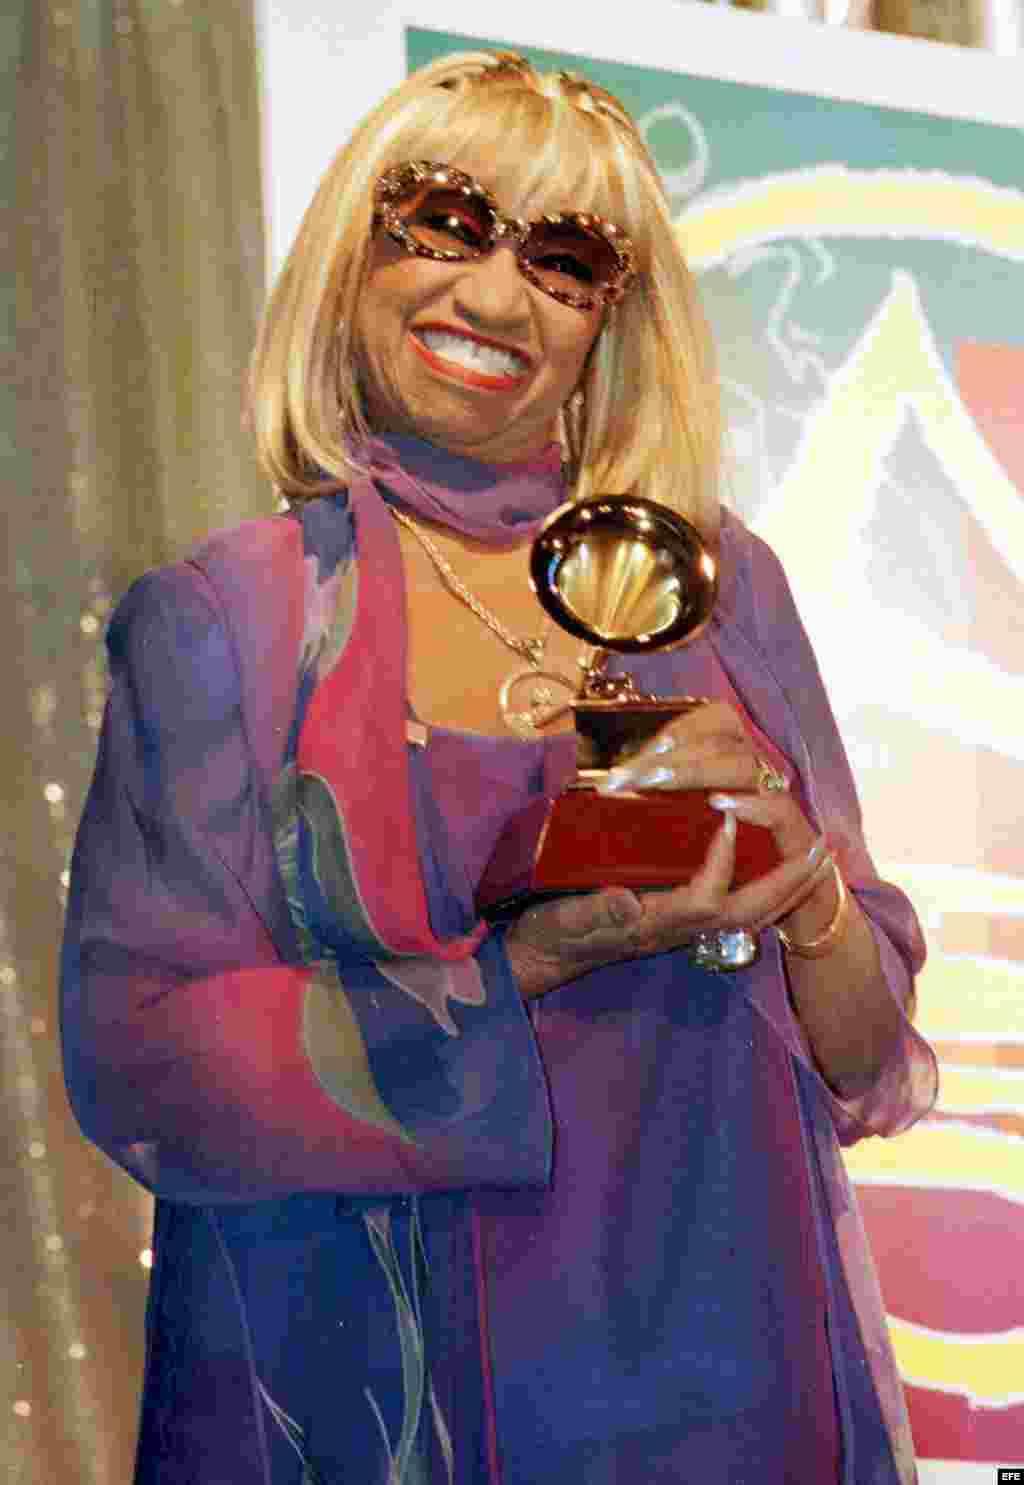 La Reina de la Salsa en los Premios Grammy Latinos en Los Ángeles, California, diciembre de 2001.